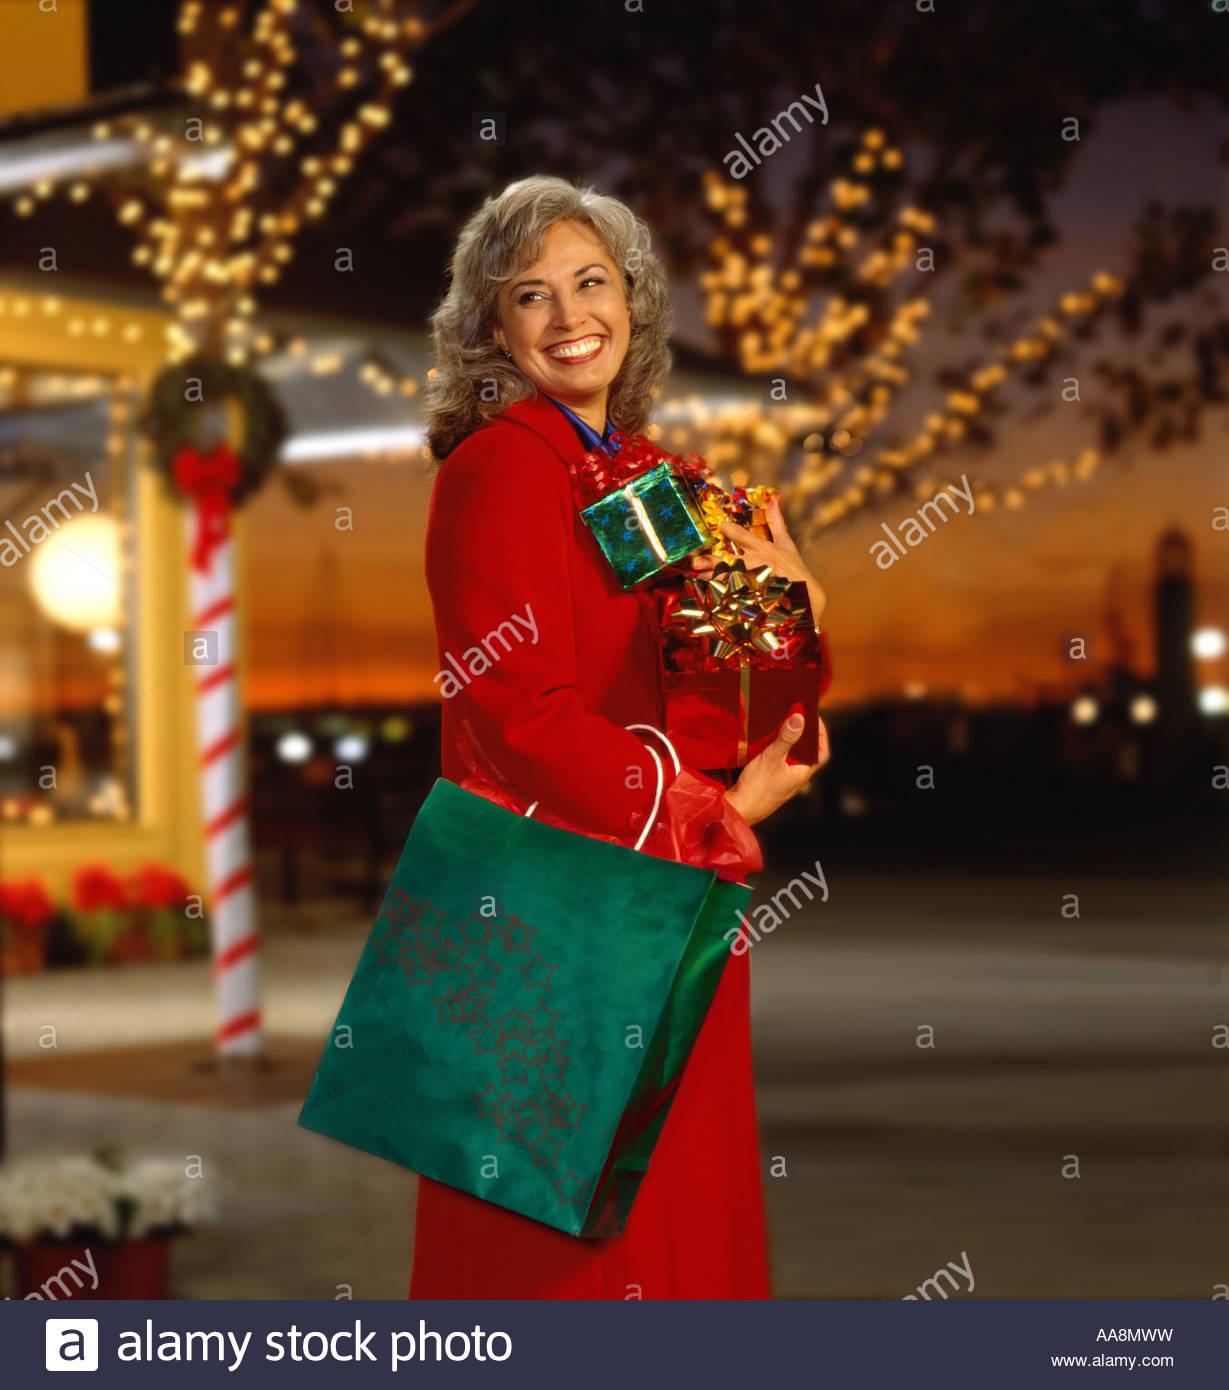 Woman Christmas Outside Group Stock Photos & Woman